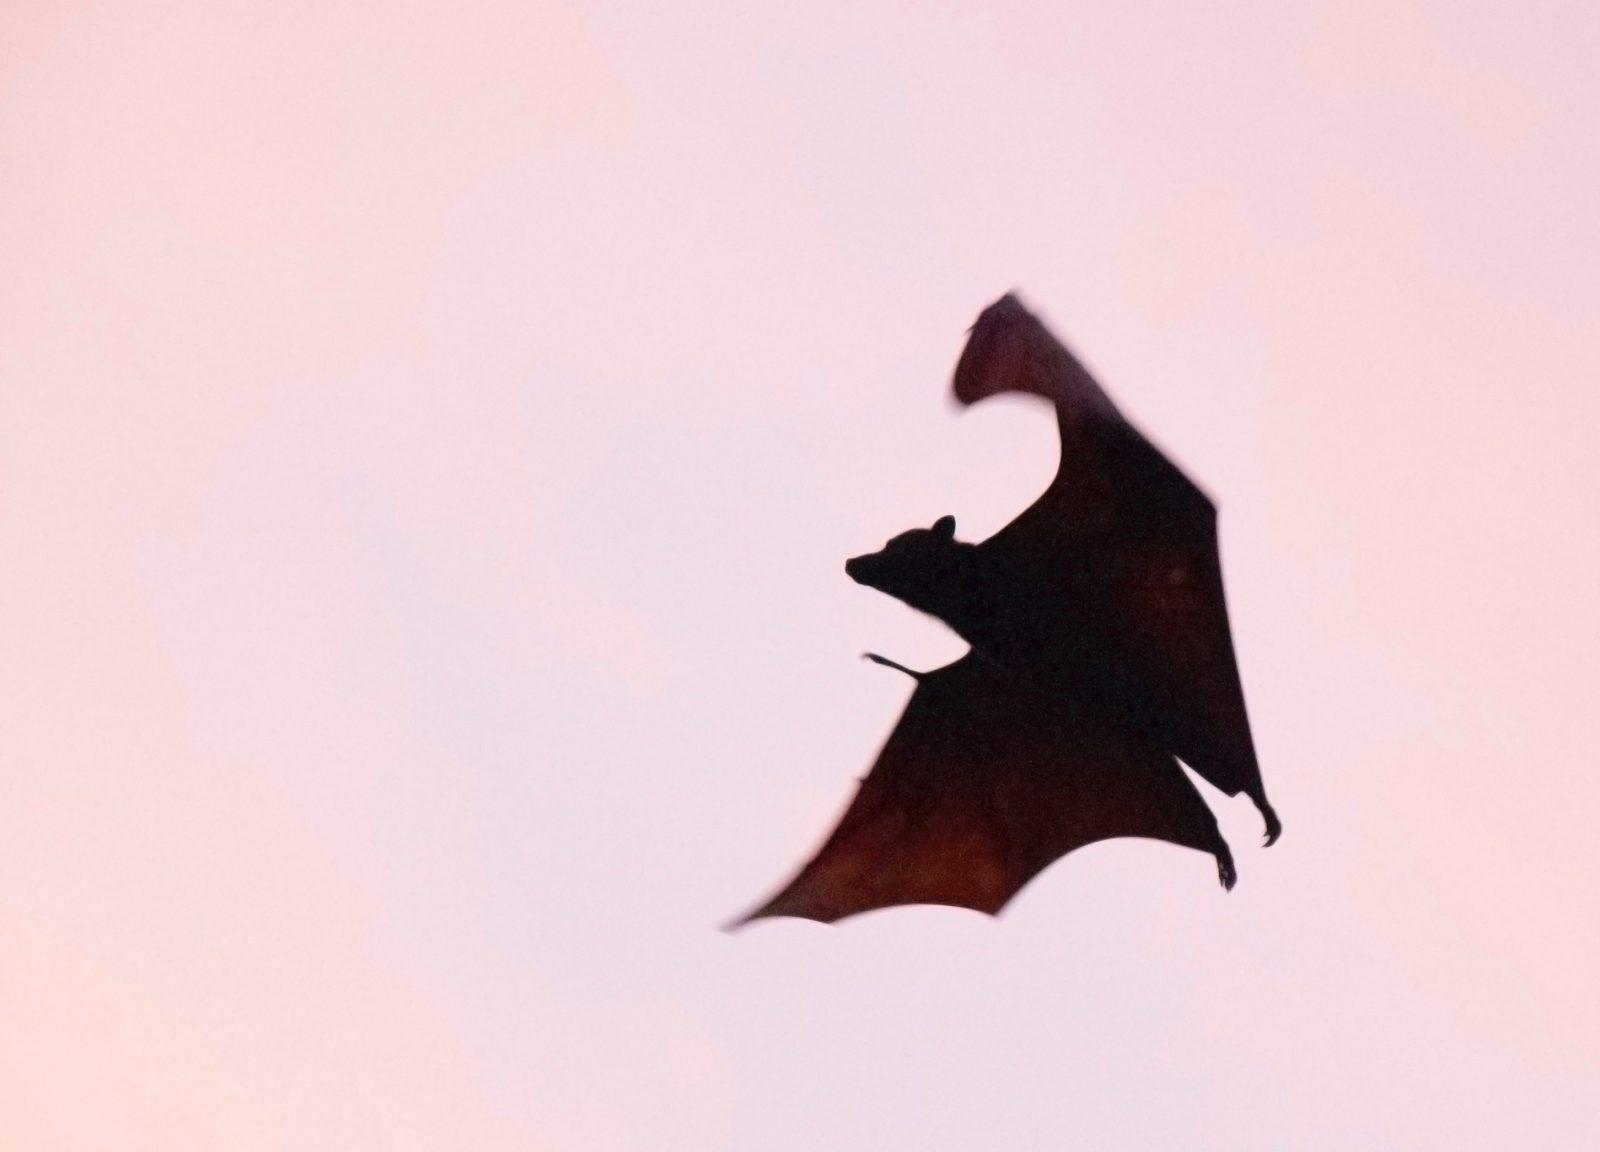 Os morcegos são os únicos mamíferos voadores.